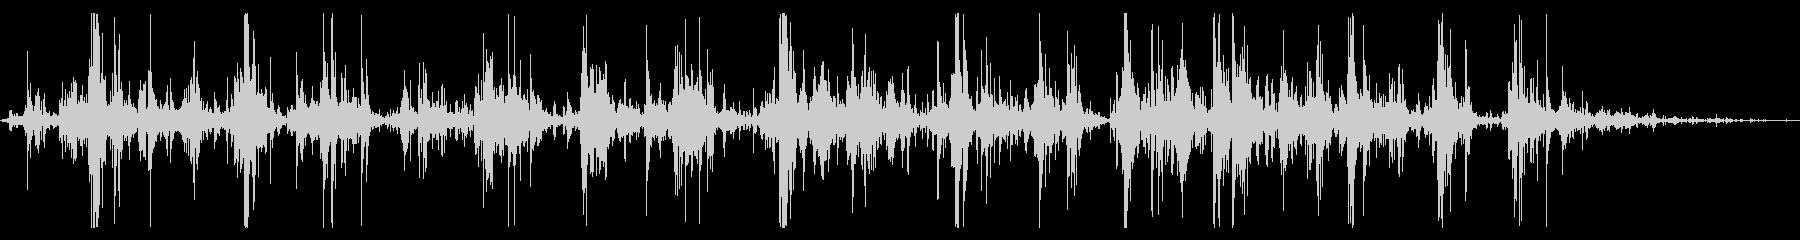 ジャラジャラジャラ(鈴の音)の未再生の波形